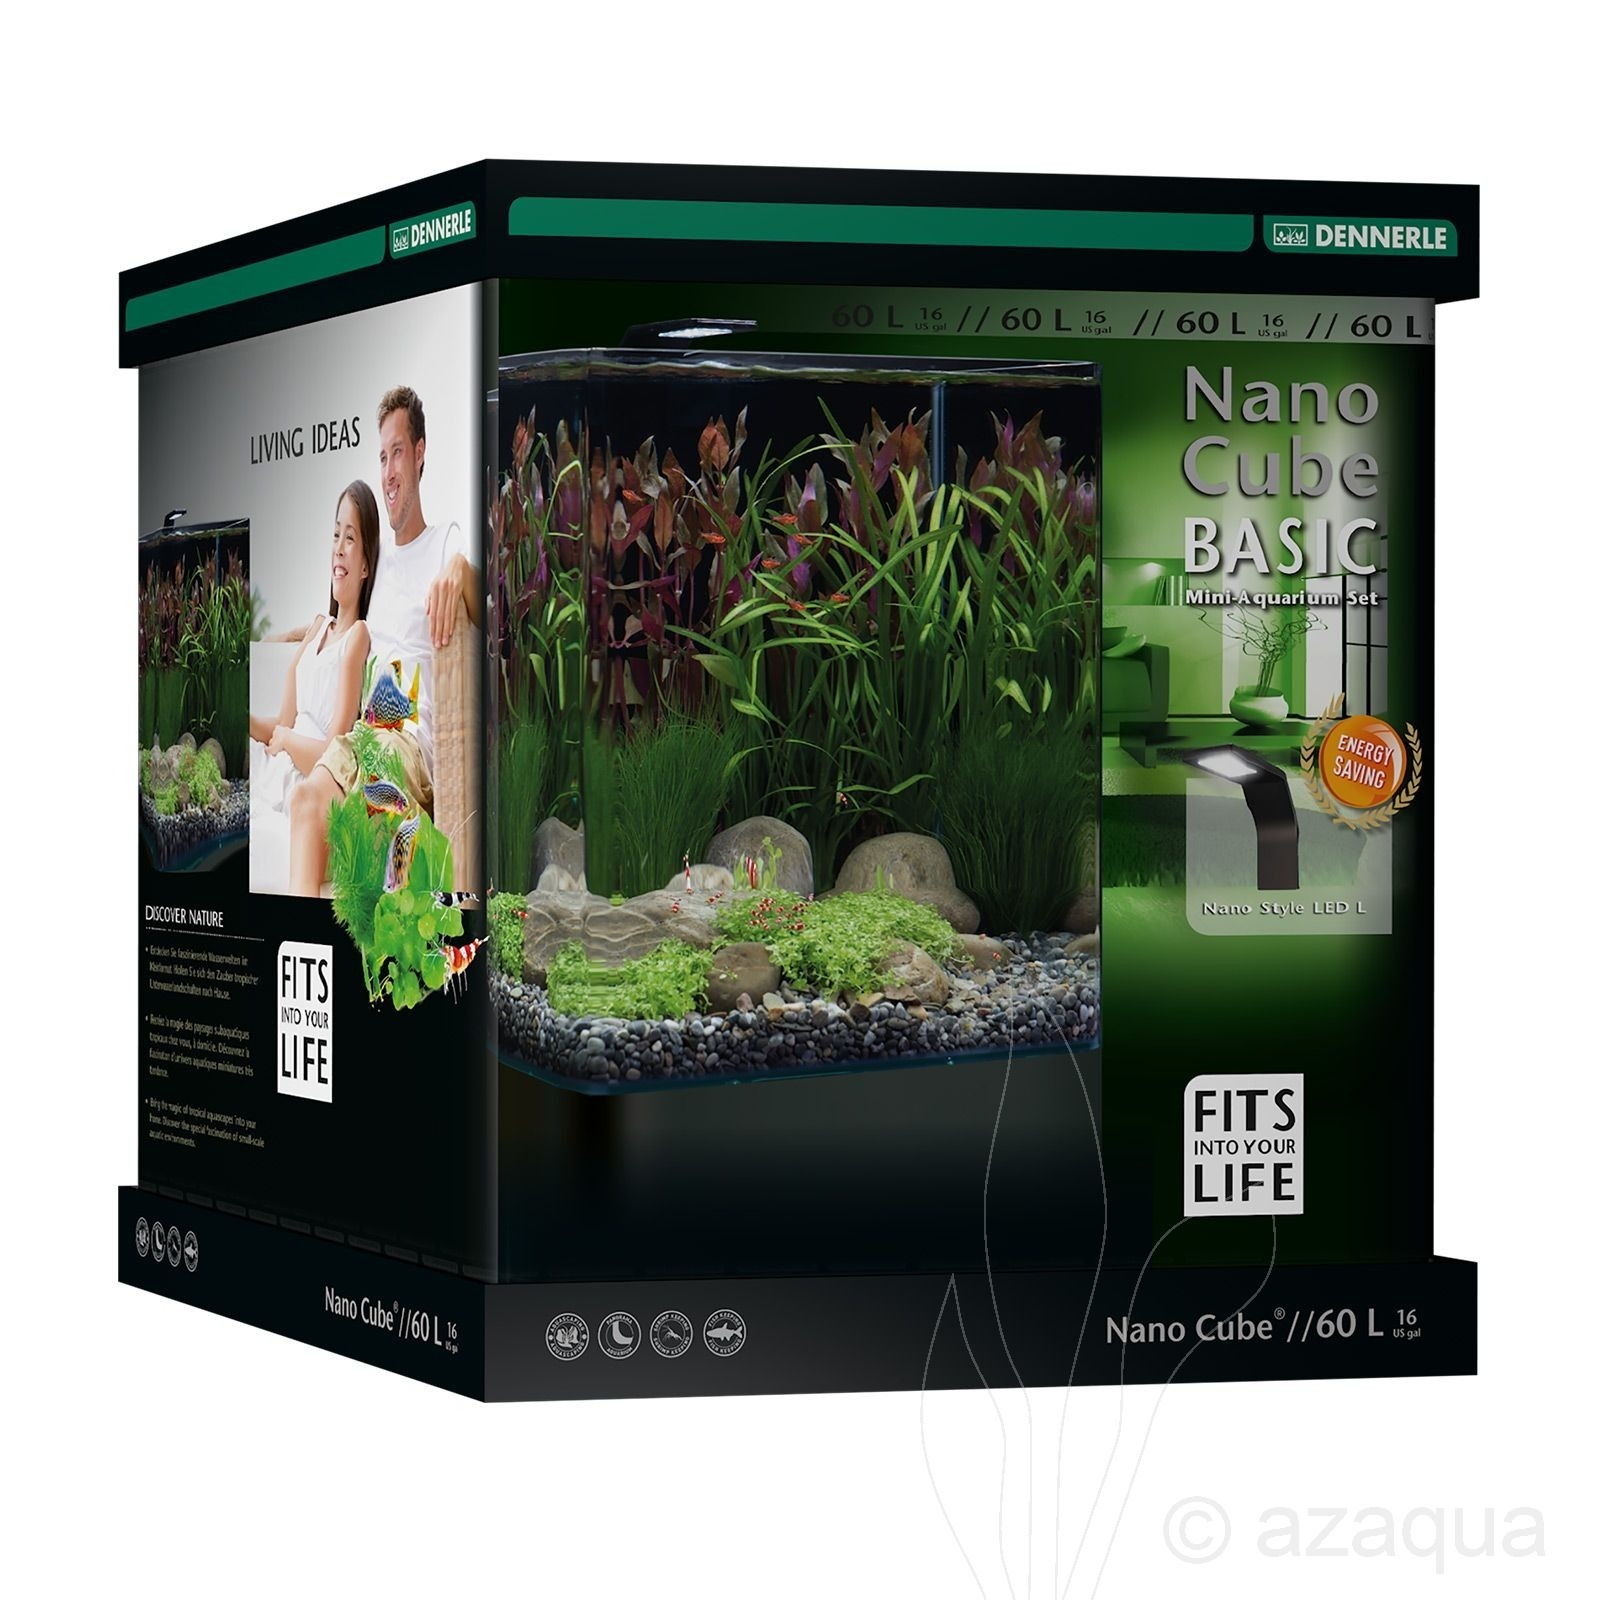 Dennerle NanoCube Basic 60L - complete aquariumset